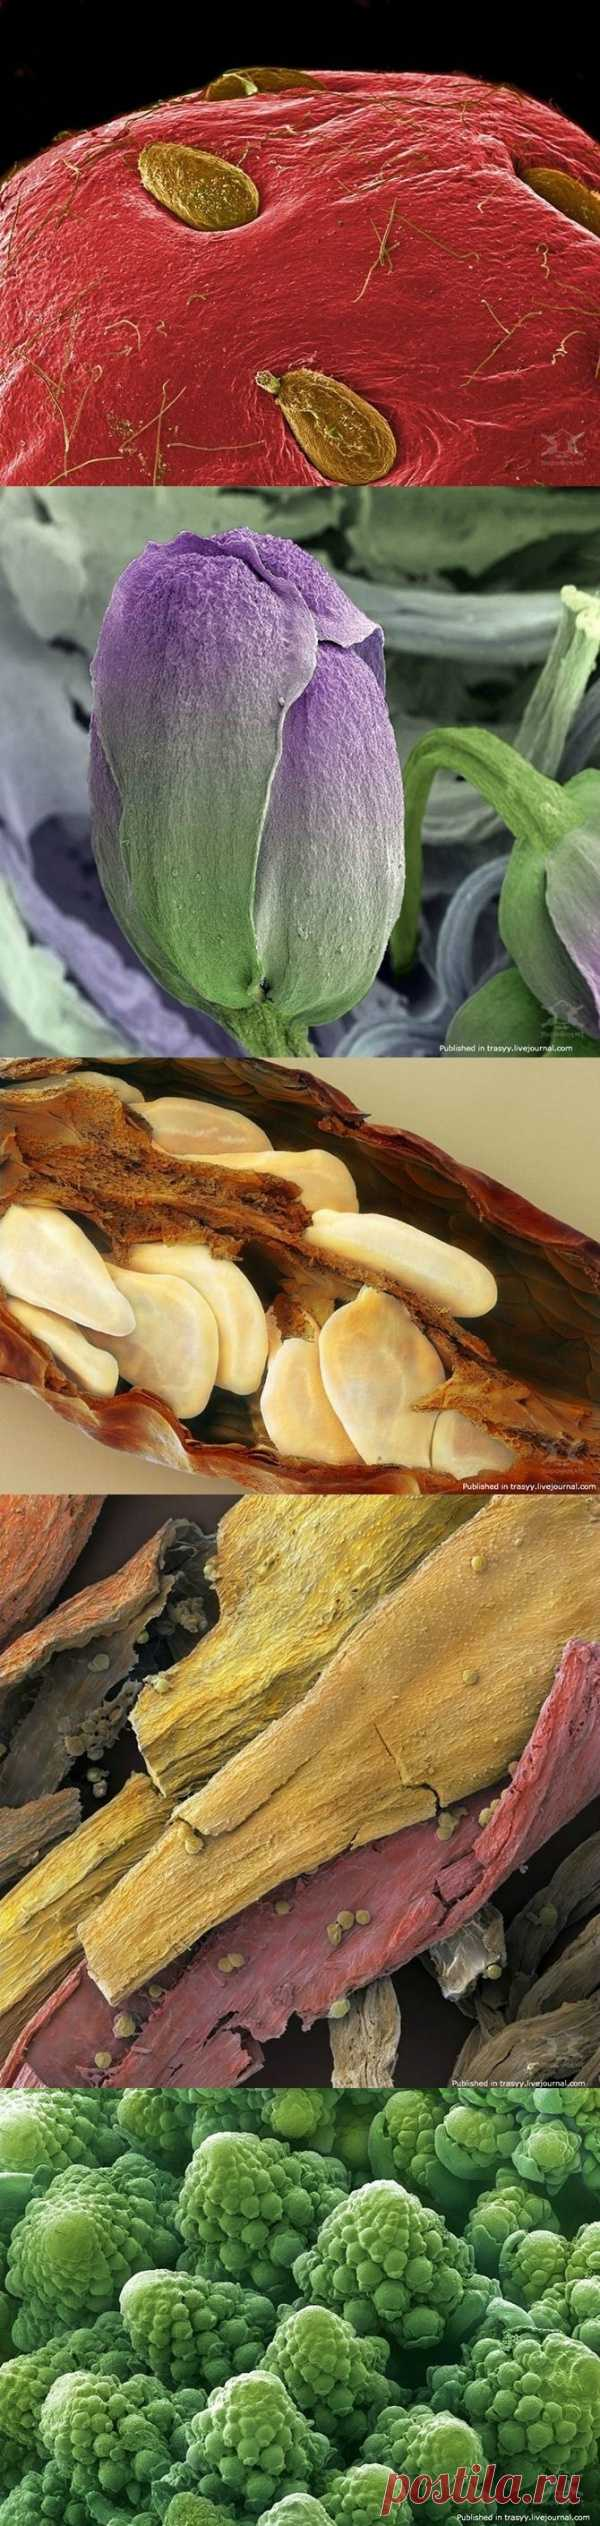 Клубника, брокколи, острый перец, шафран, цветная капуста и многое другое под микроскопом!